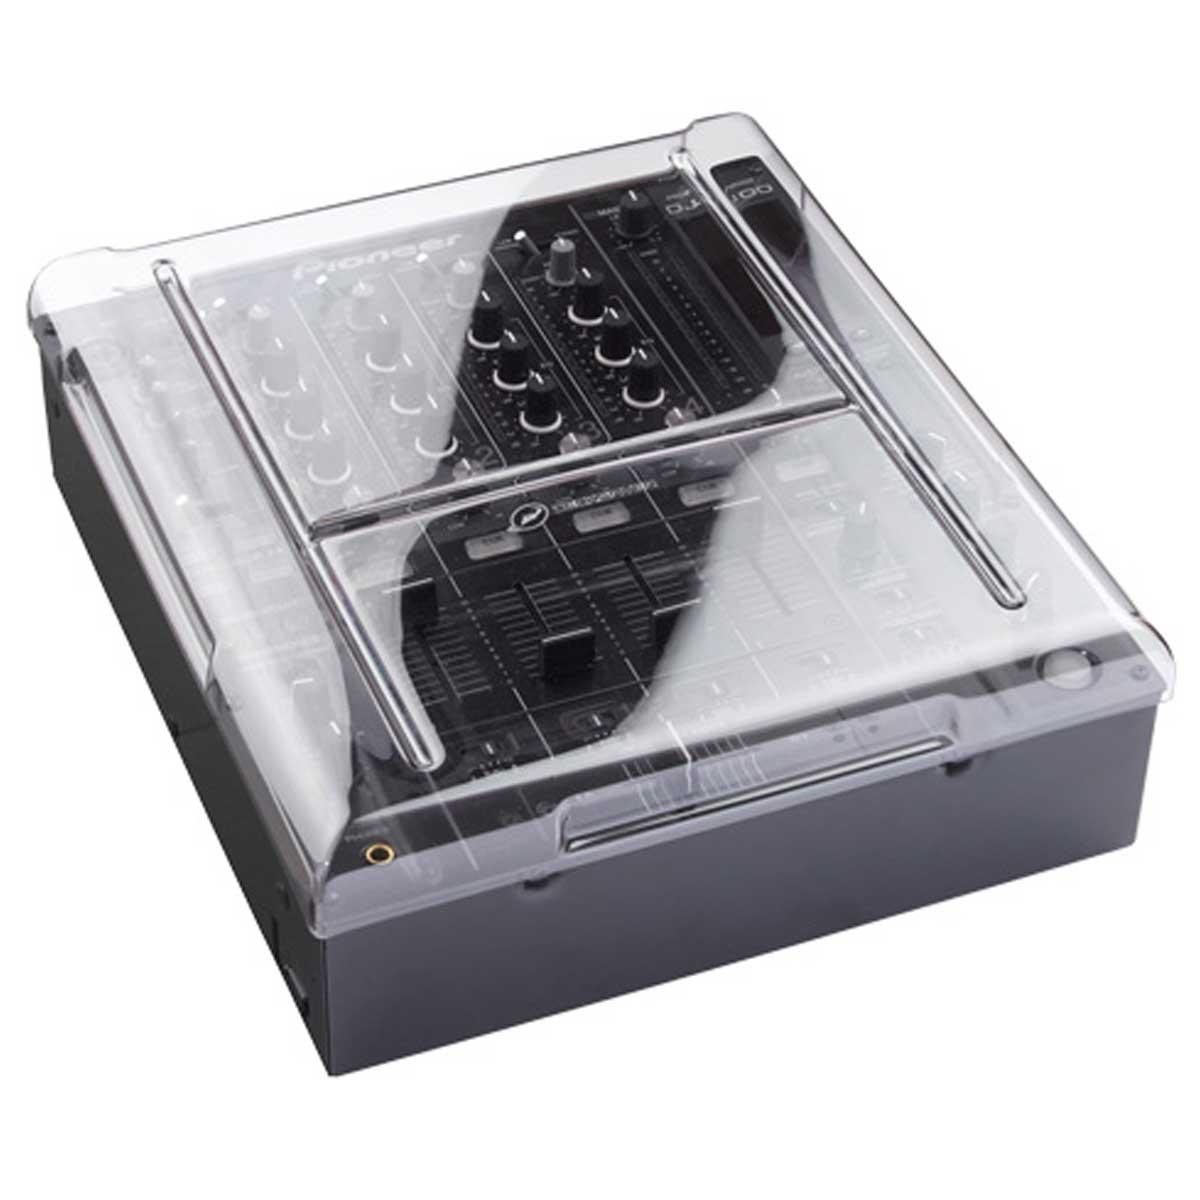 Decksaver デッキセーバー / DS-PC-DJM800 各種DJミキサー用保護カバー【お取り寄せ商品】